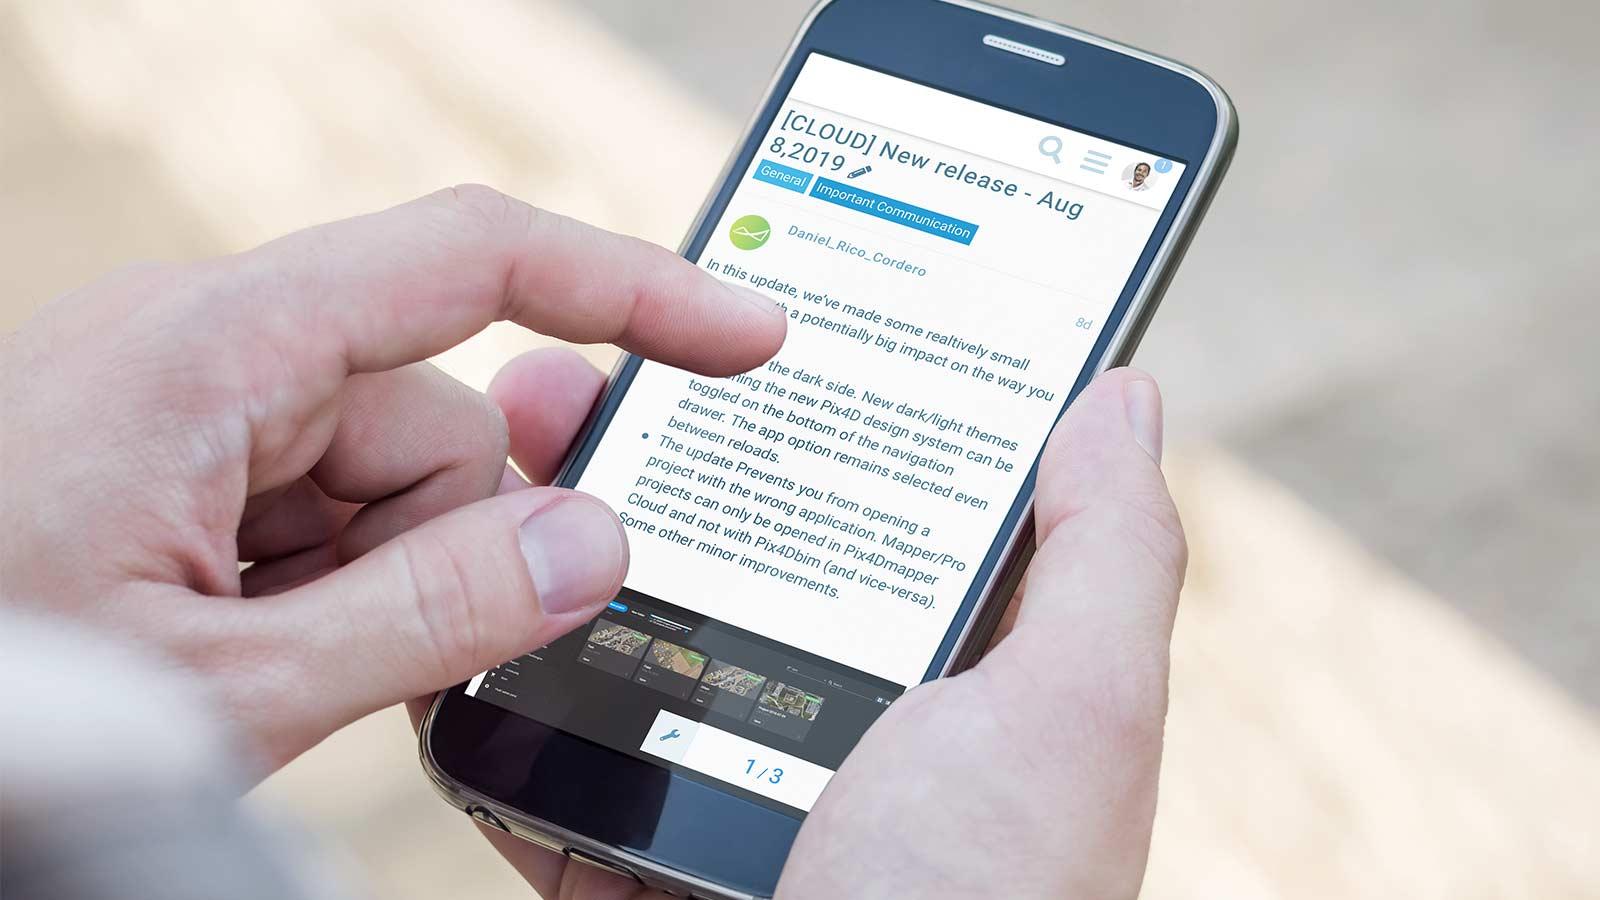 VIS BLO CORP 4-reasons-join-pix4d-community mobile